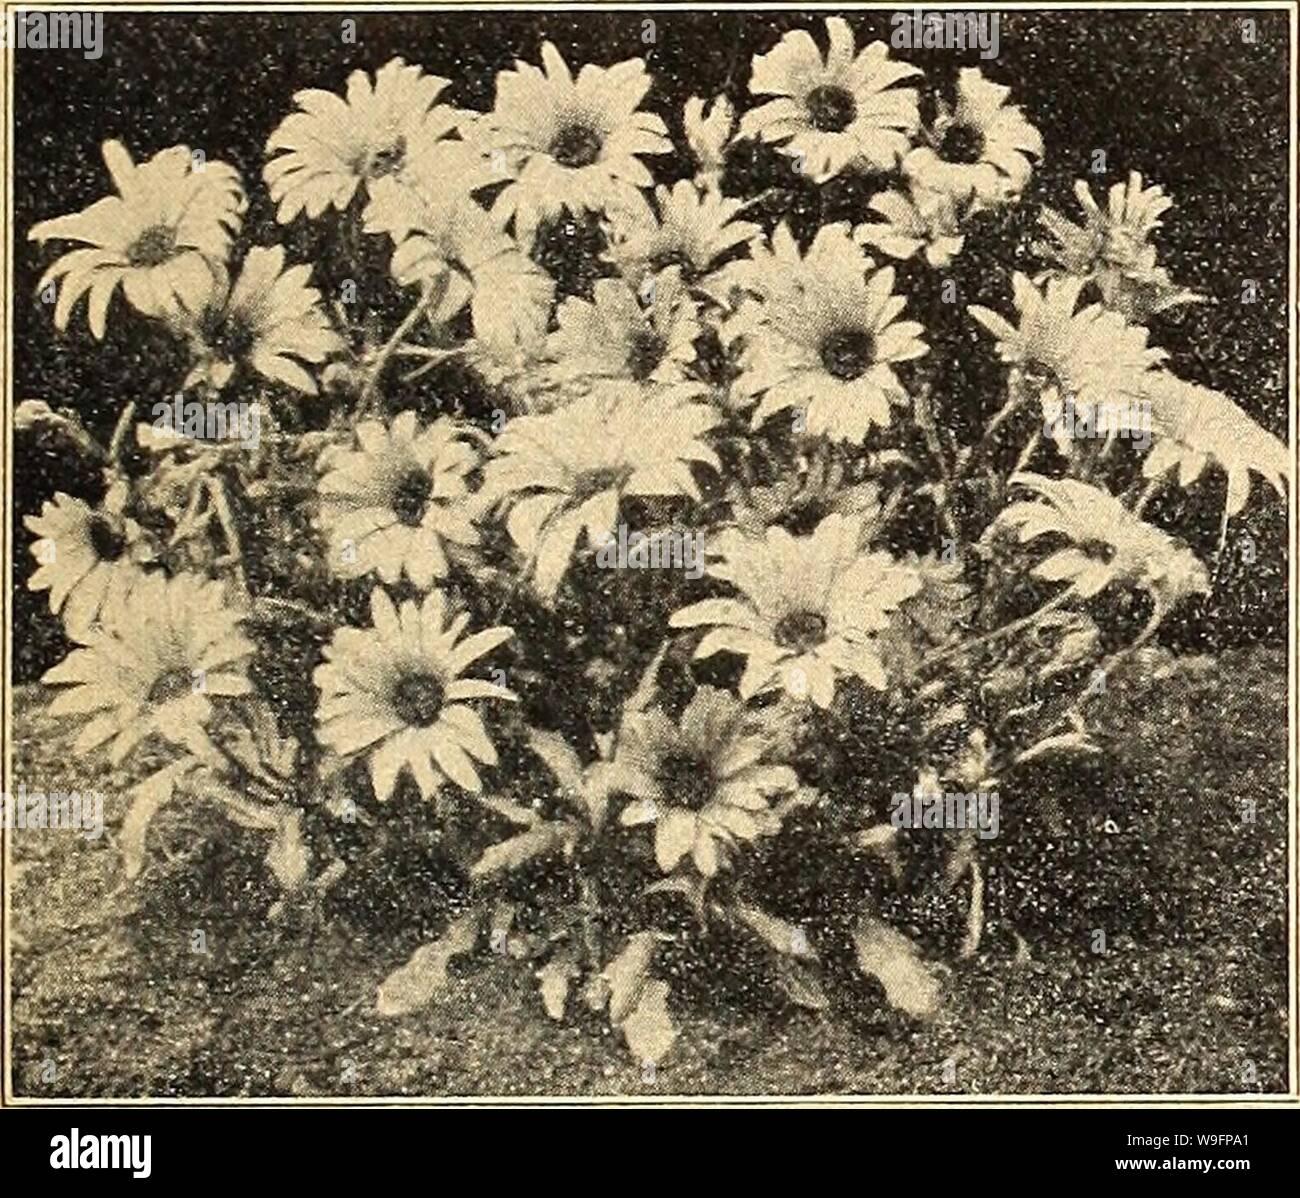 White Cape Daisy Osteospermum ecklonis semillas de margarita africana